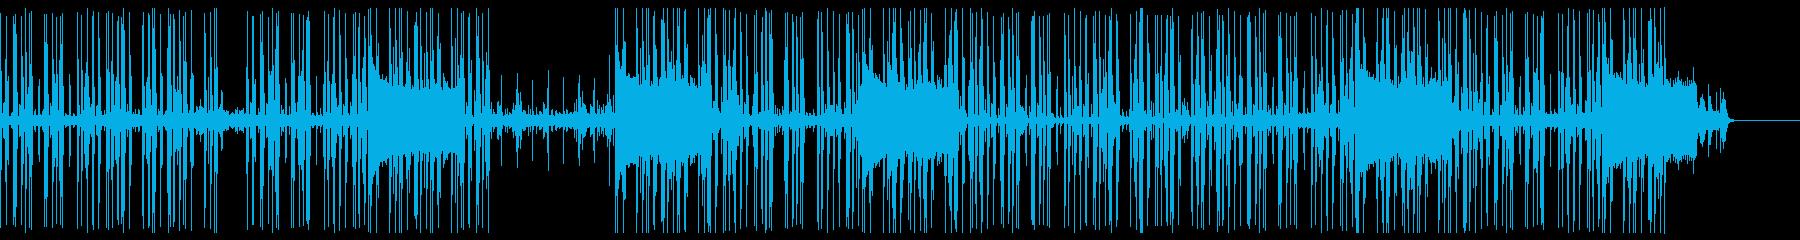 エレクトロアンビエントインストゥル...の再生済みの波形